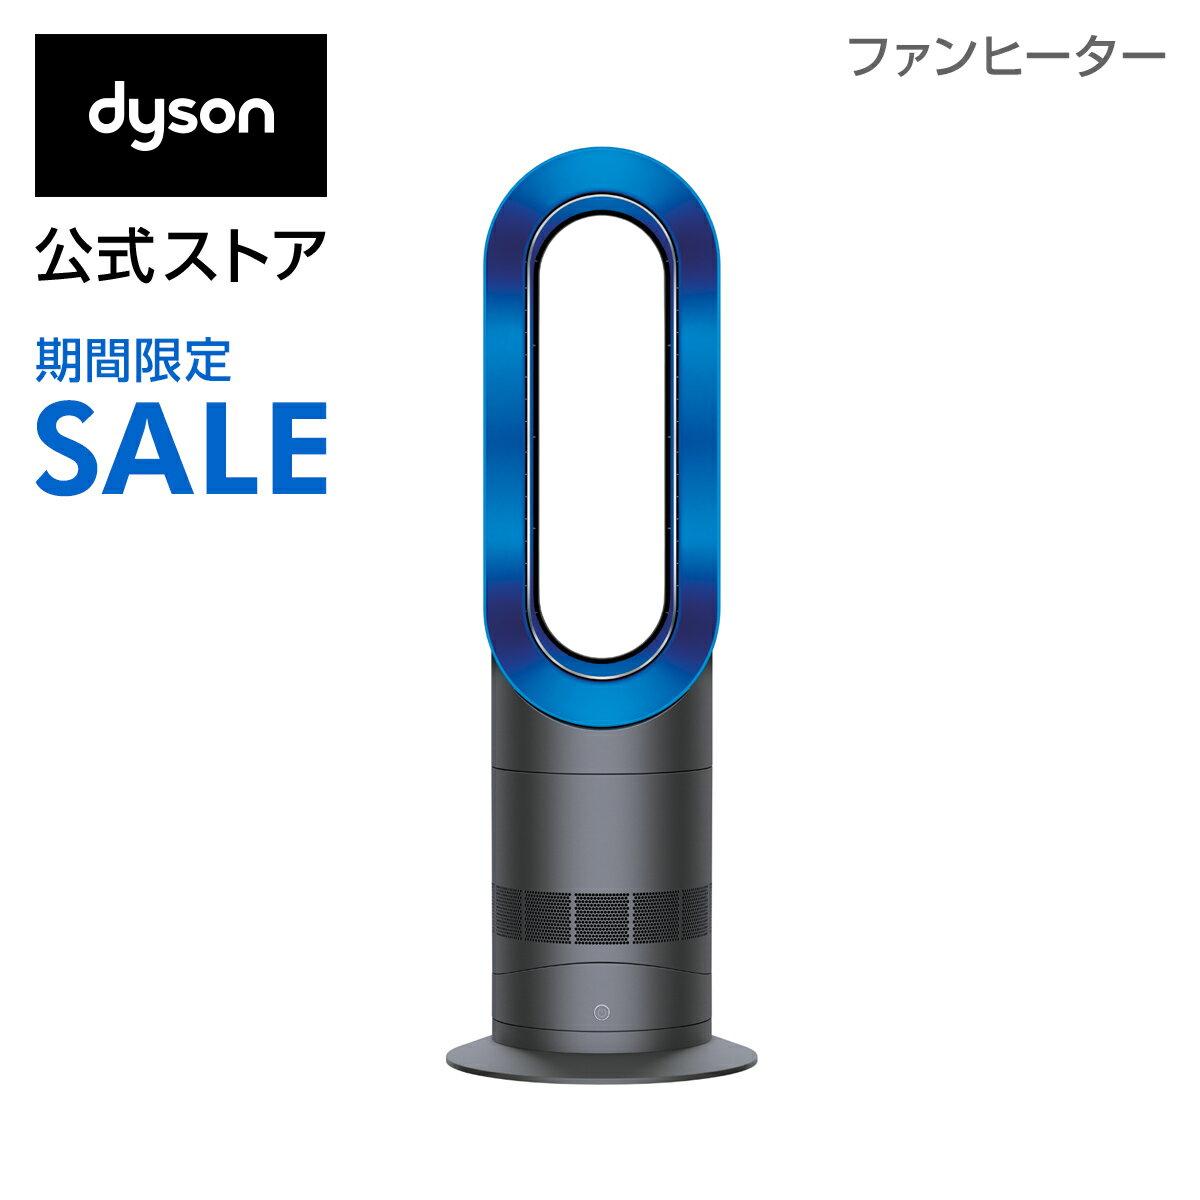 扇風機・サーキュレーター, 扇風機 530 00:00-61 23:59 Dyson HotCool AM09IB